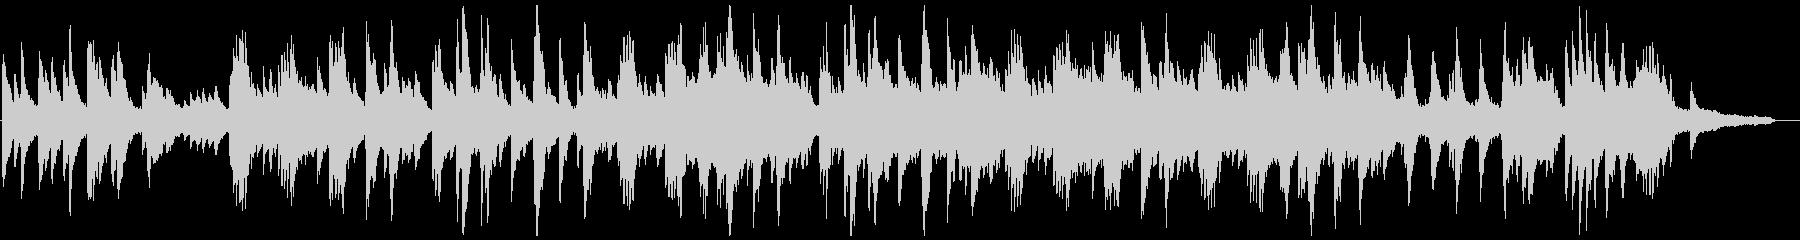 切ないピアノの感動バラードの未再生の波形